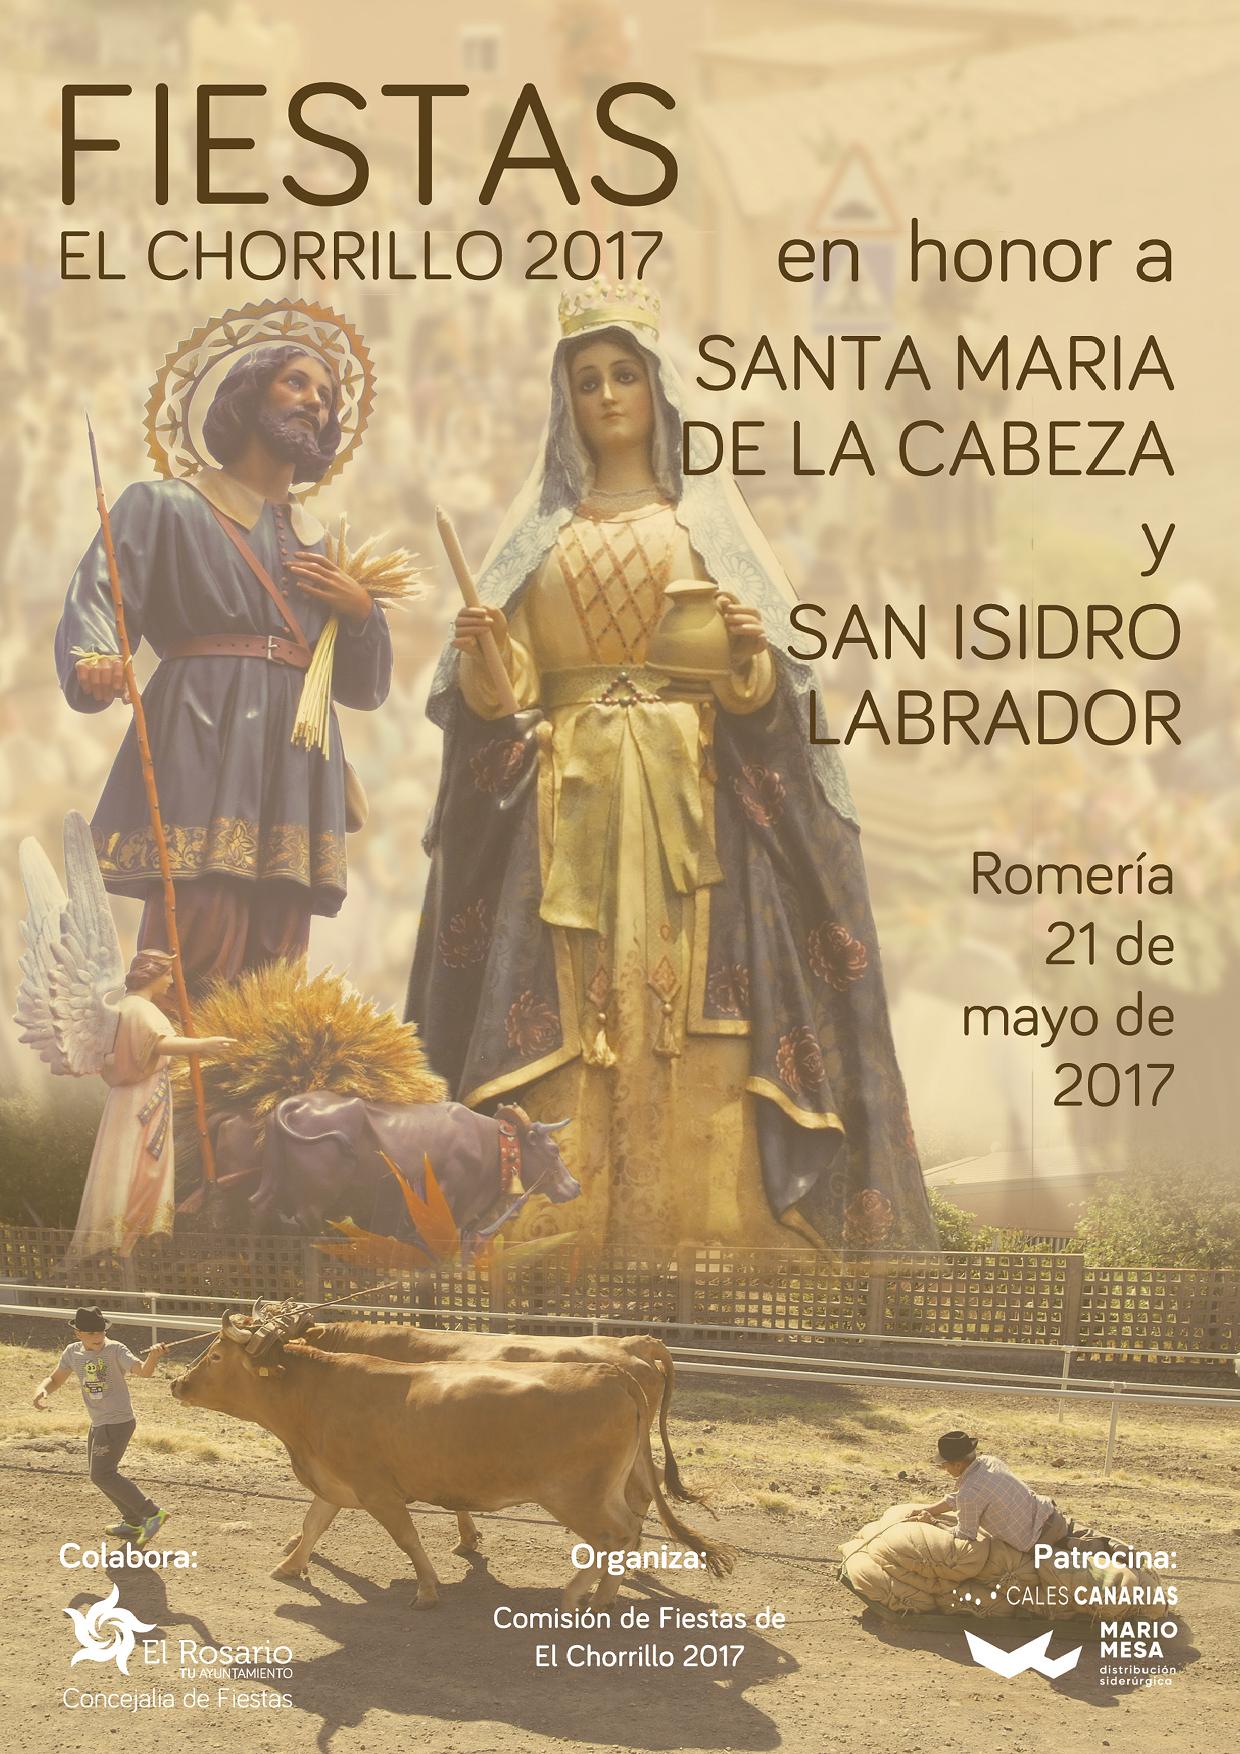 Fiestas El Chorrillo 2017 (1)